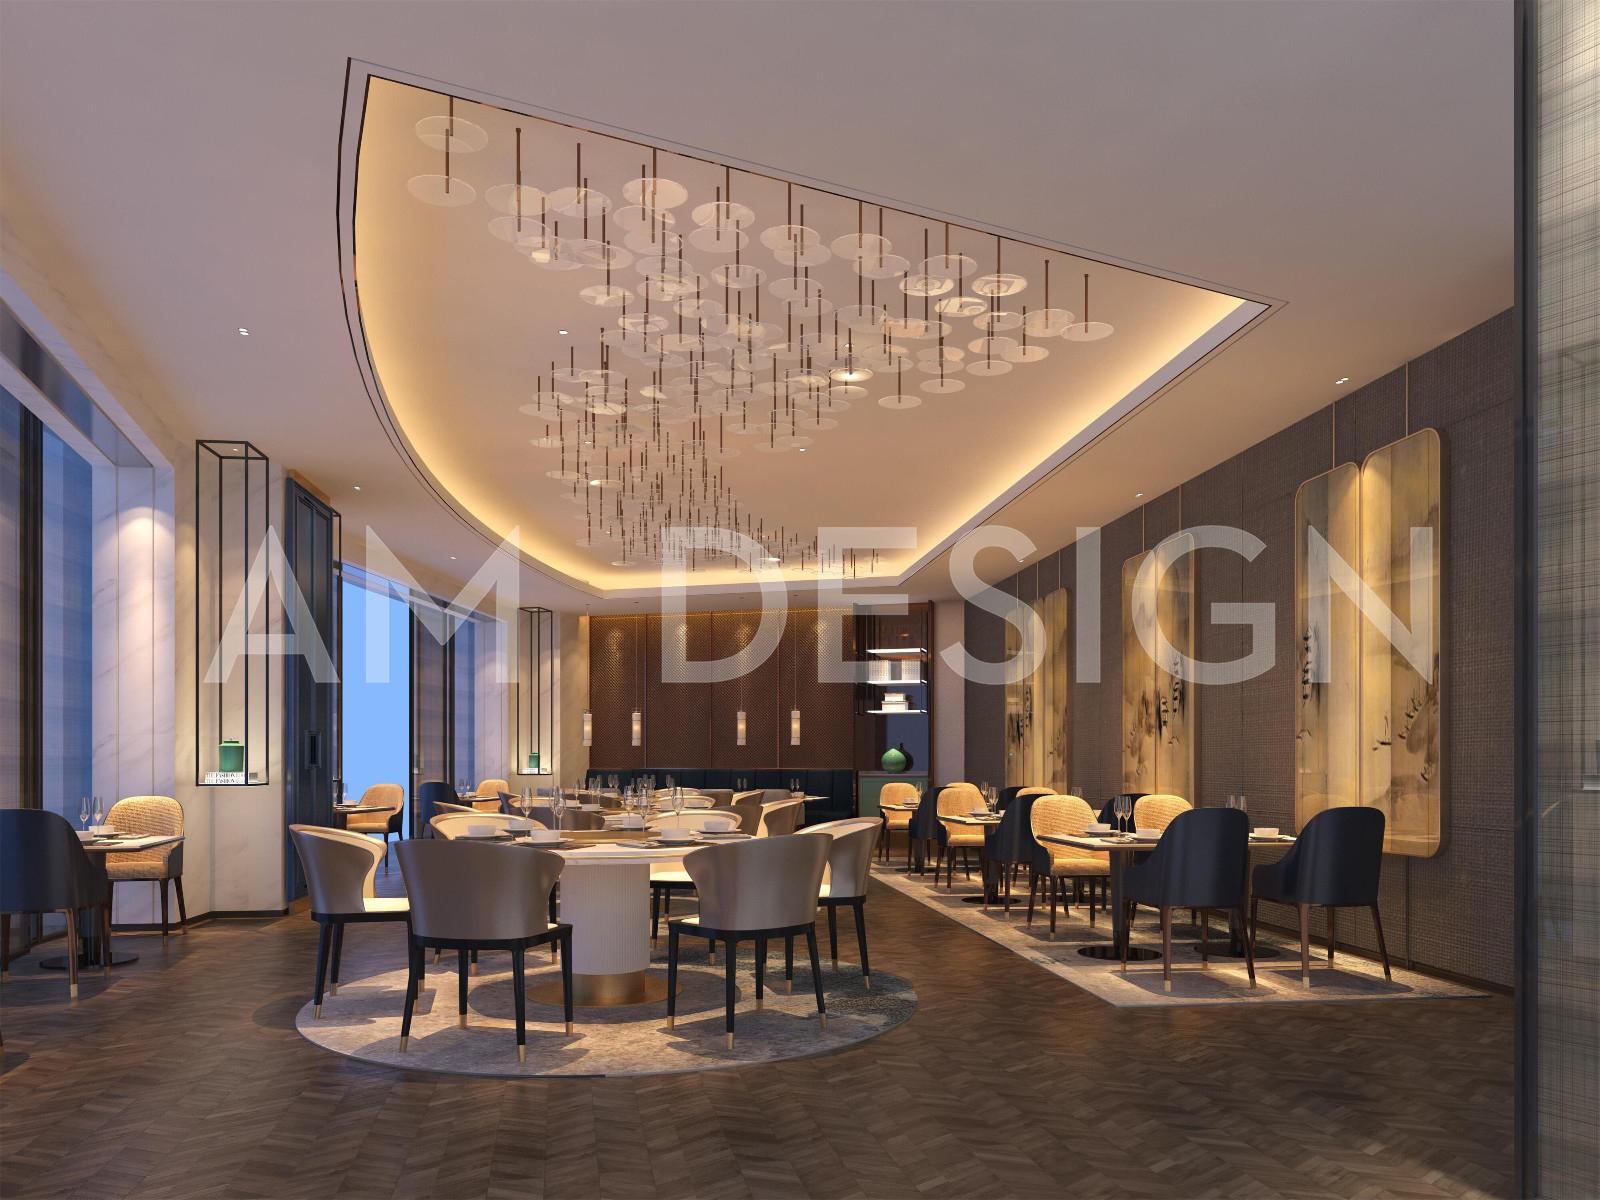 沧州渤海酒店餐厅就餐区设计